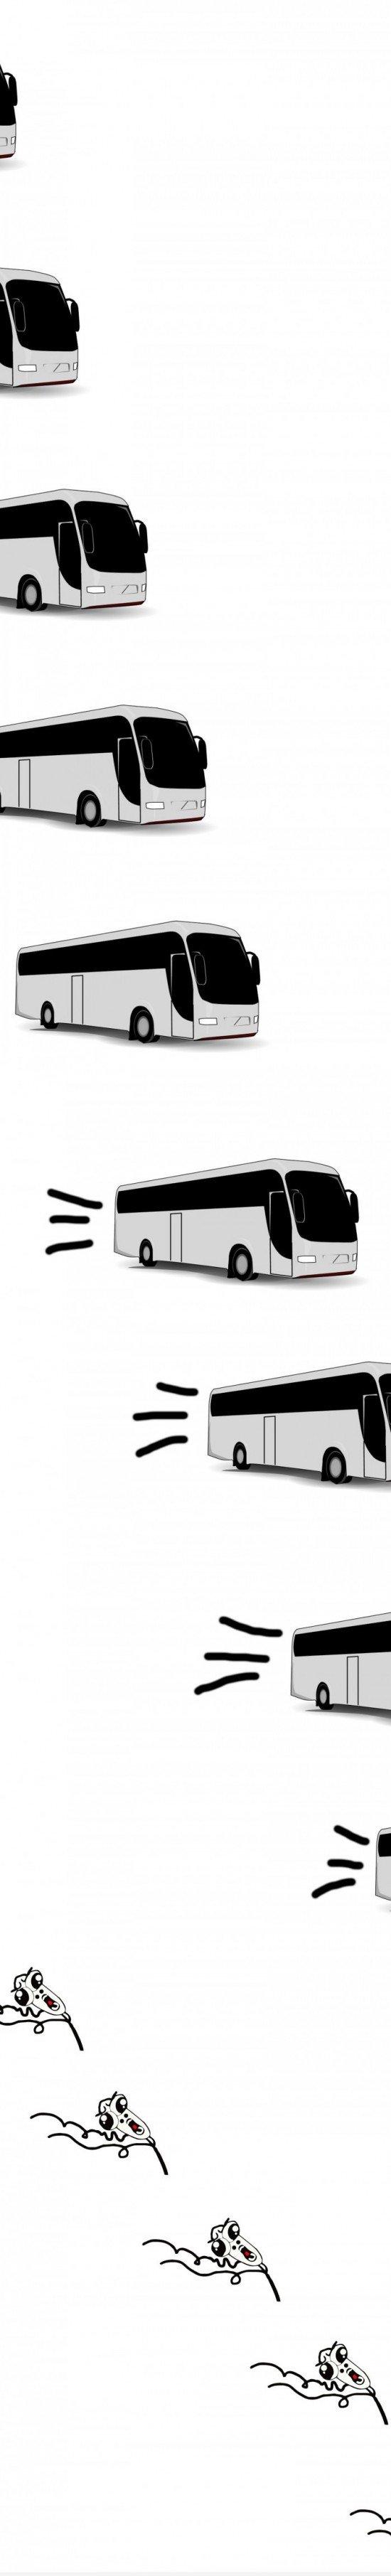 bus. . bus